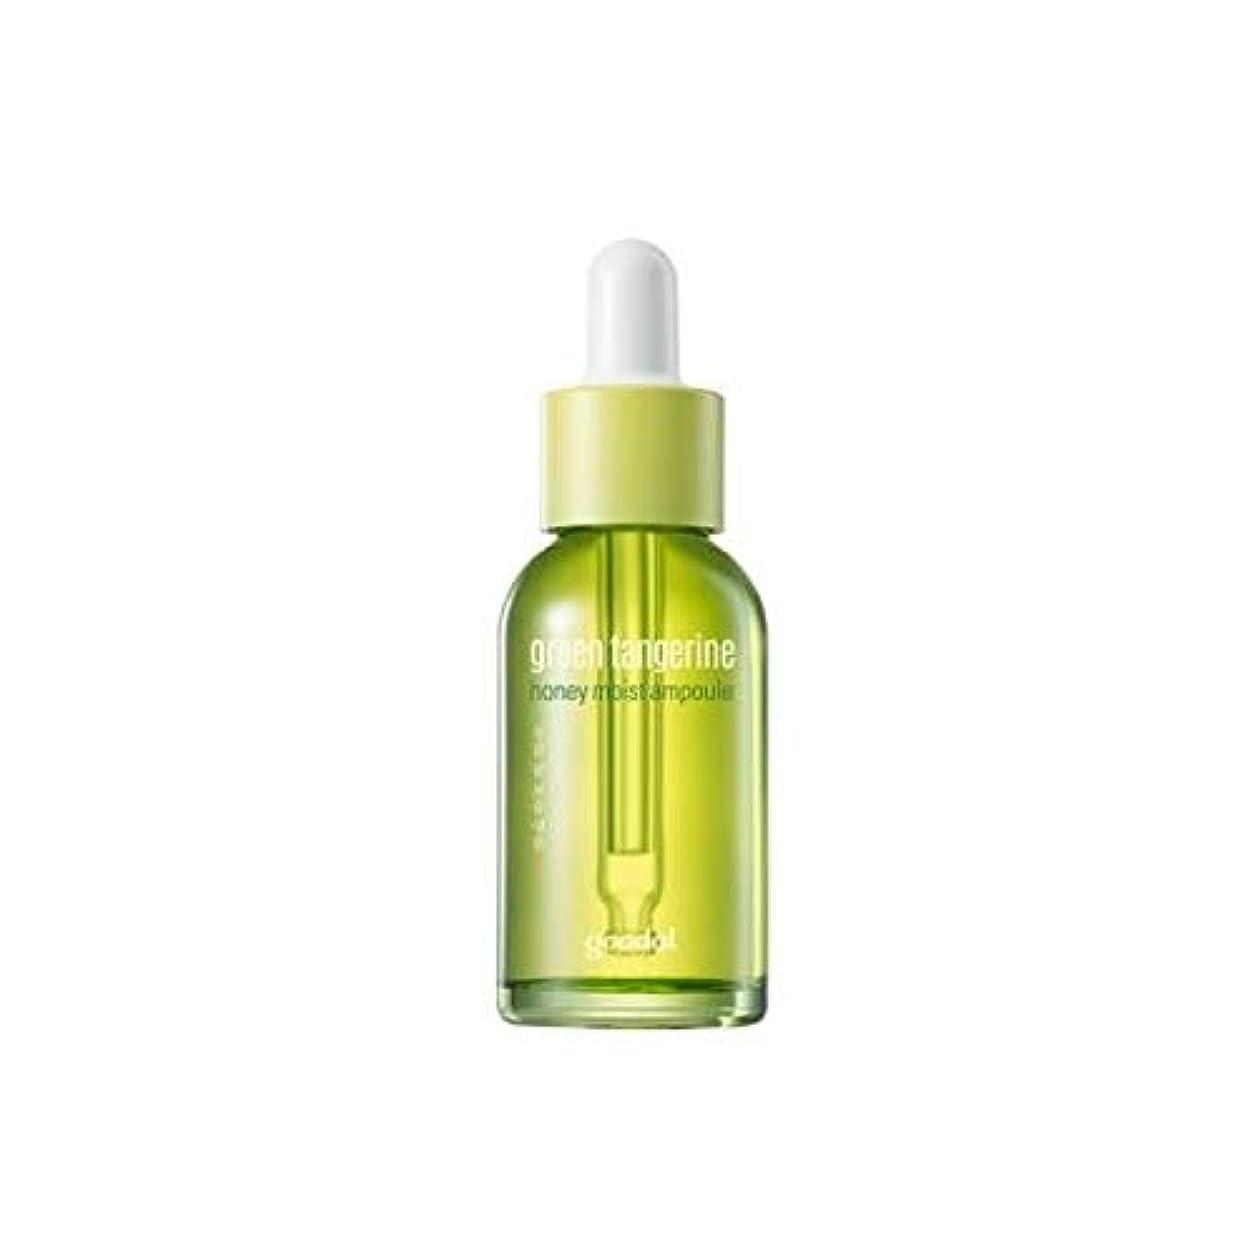 波アラブ人和らげるGoodal Green Tangerine Honey Moist Ampule グーダル チョンギュル(青みかん) ハニー モイスト アンプル 30ml [並行輸入品]